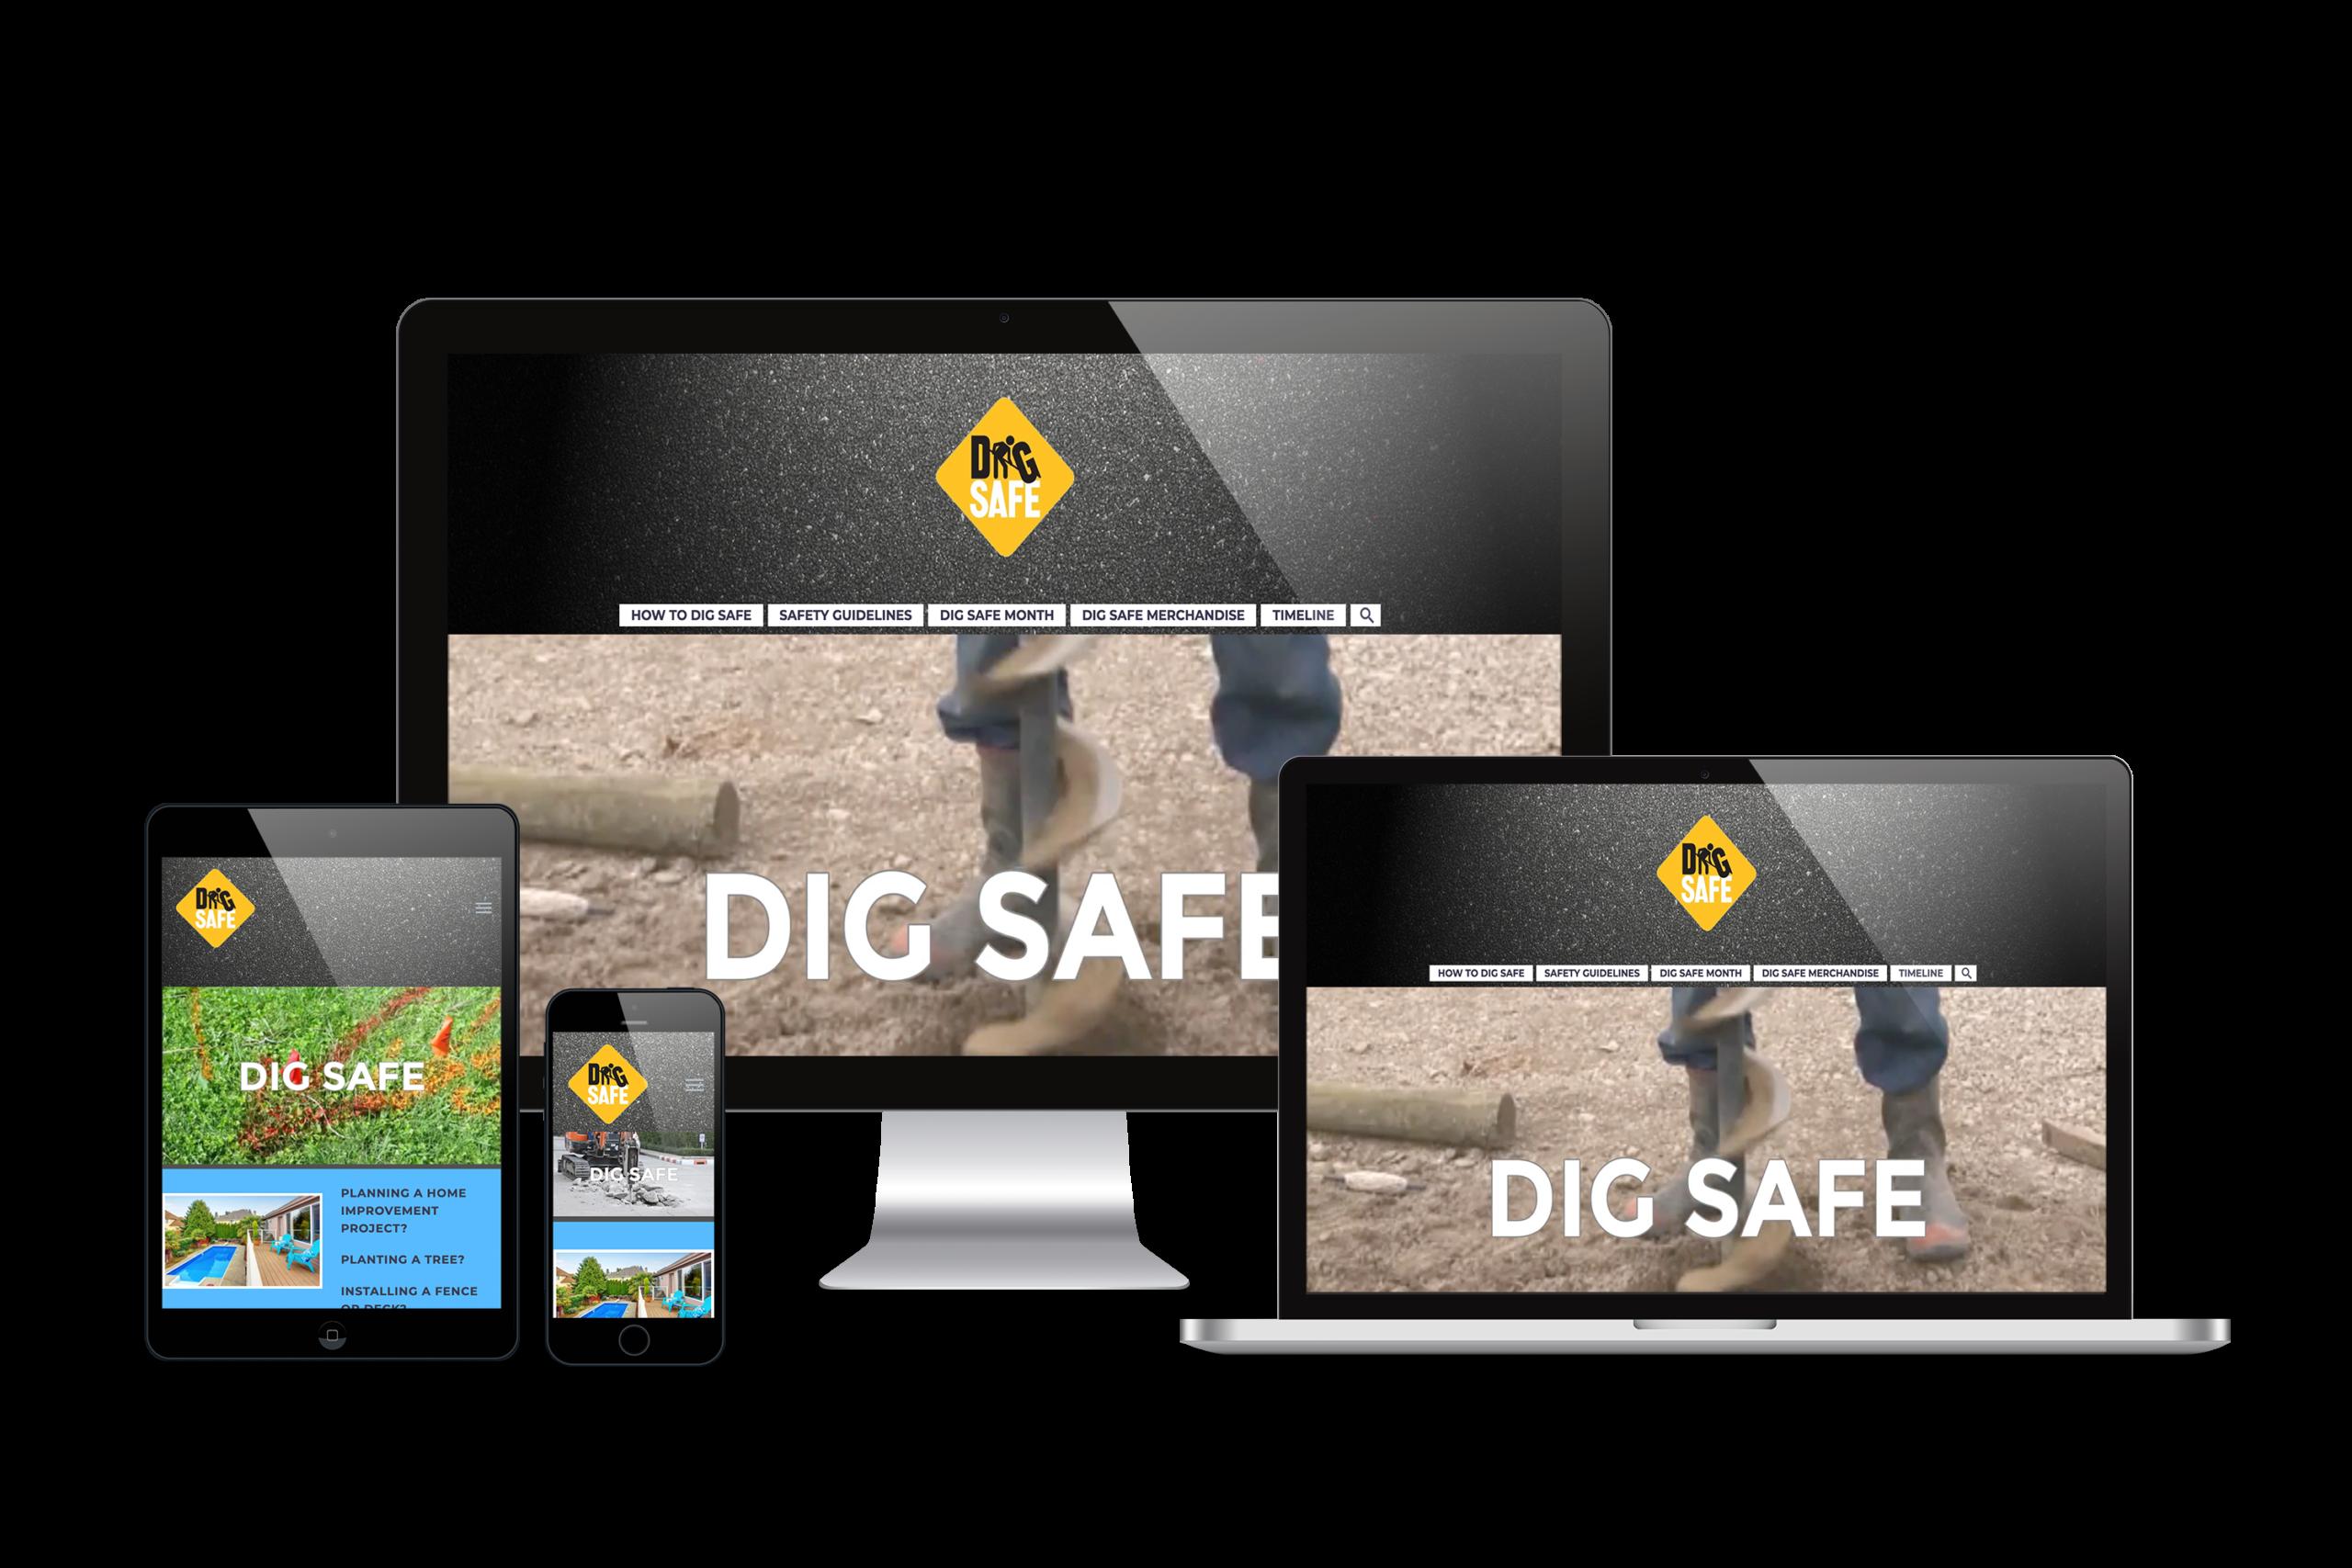 Dig-Safe-Web-Design